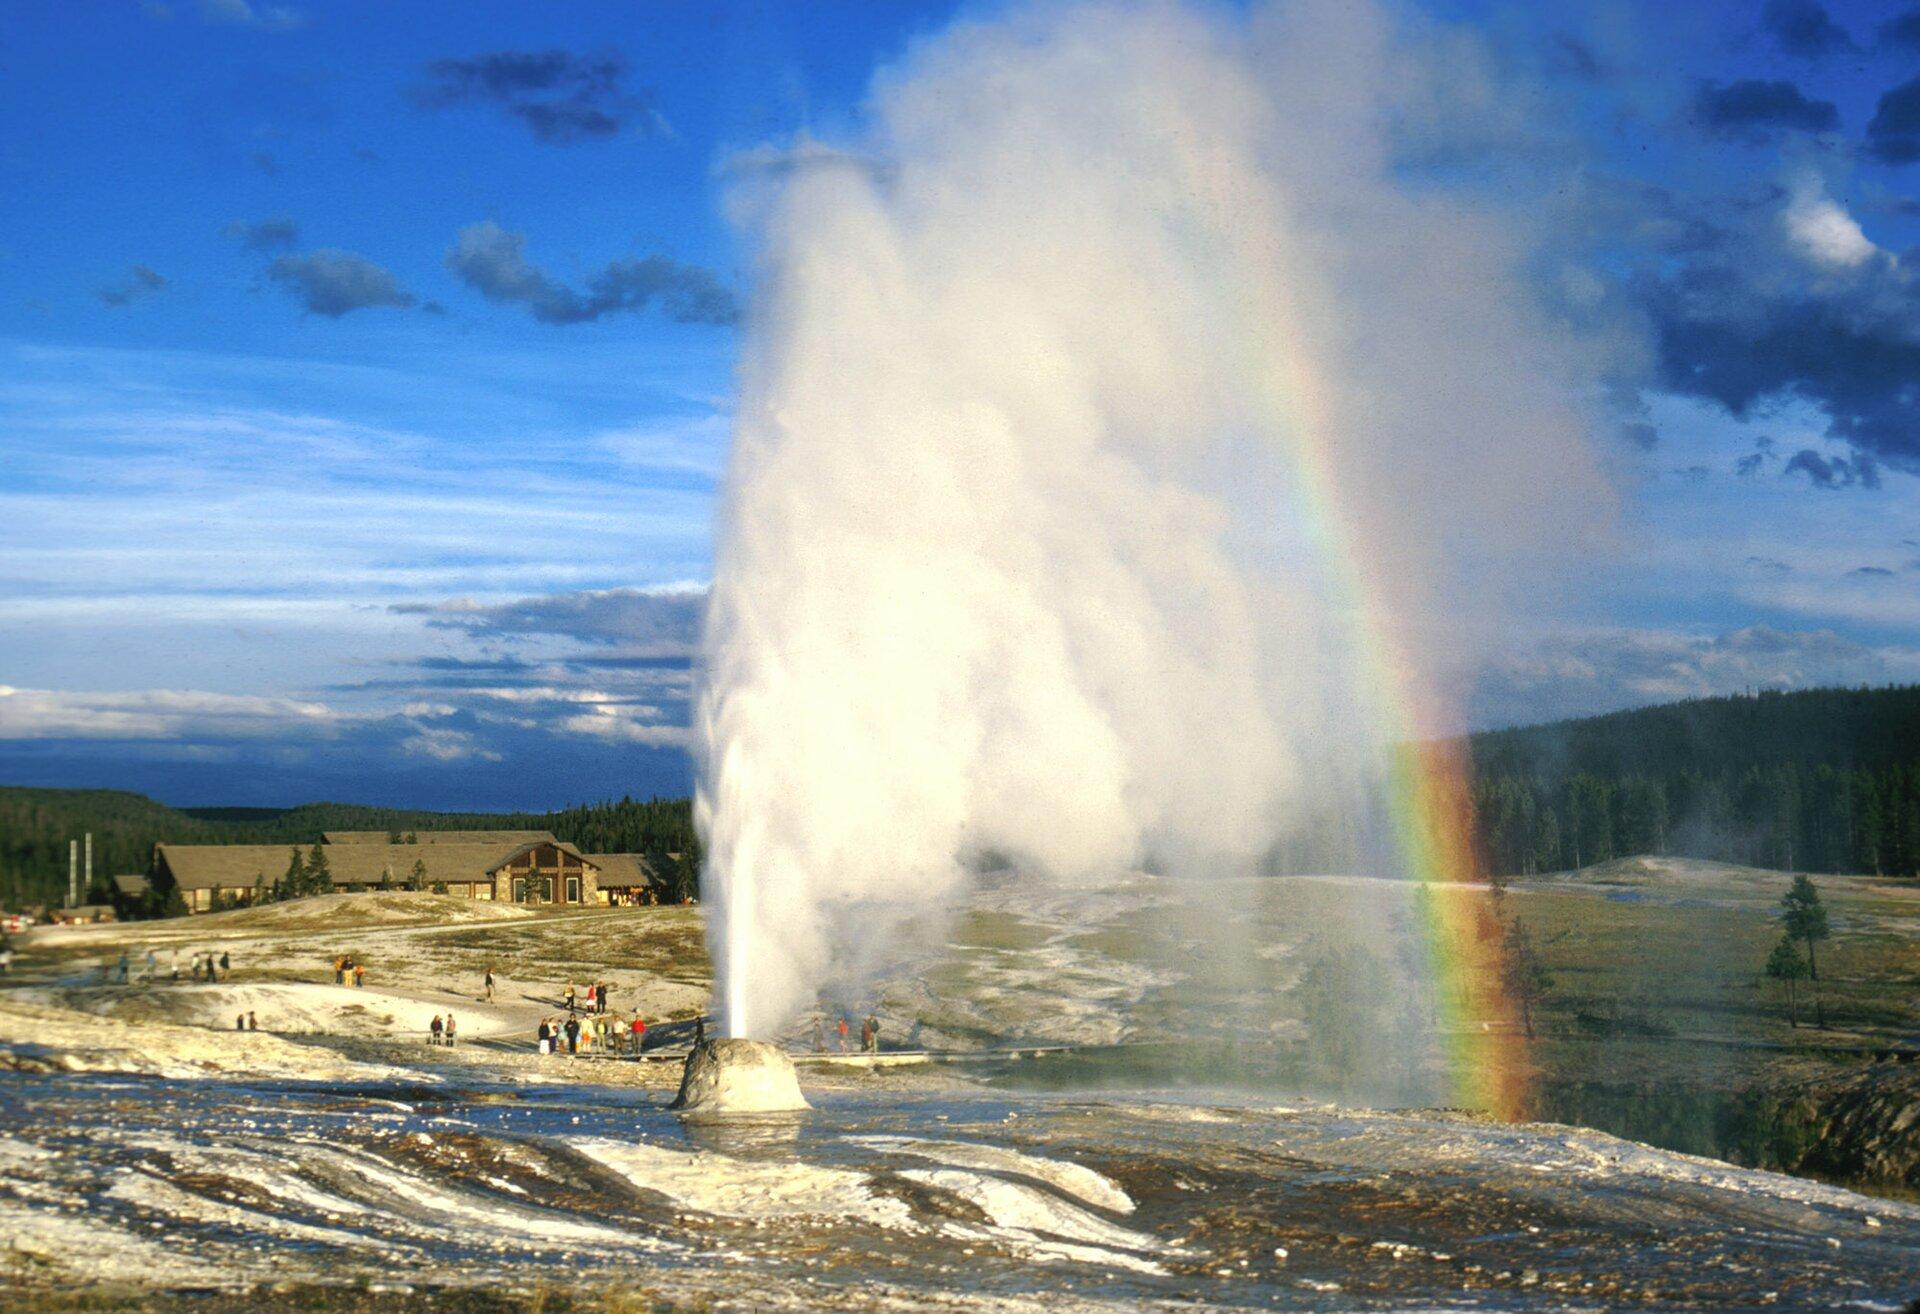 Fotografia przedstawia tryskający wodą gejzer wParku Narodowym Yellowstone. Zboku wkropach wody utworzyła się tęcza. Gejzer to wypukłość na szaro – brązowo – białym podłożu. Wysokość wytrysku wody można ocenić, porównując ją zmalutkimi postaciami ludzi na dalszym planie. Wtle zabudowania ilas.